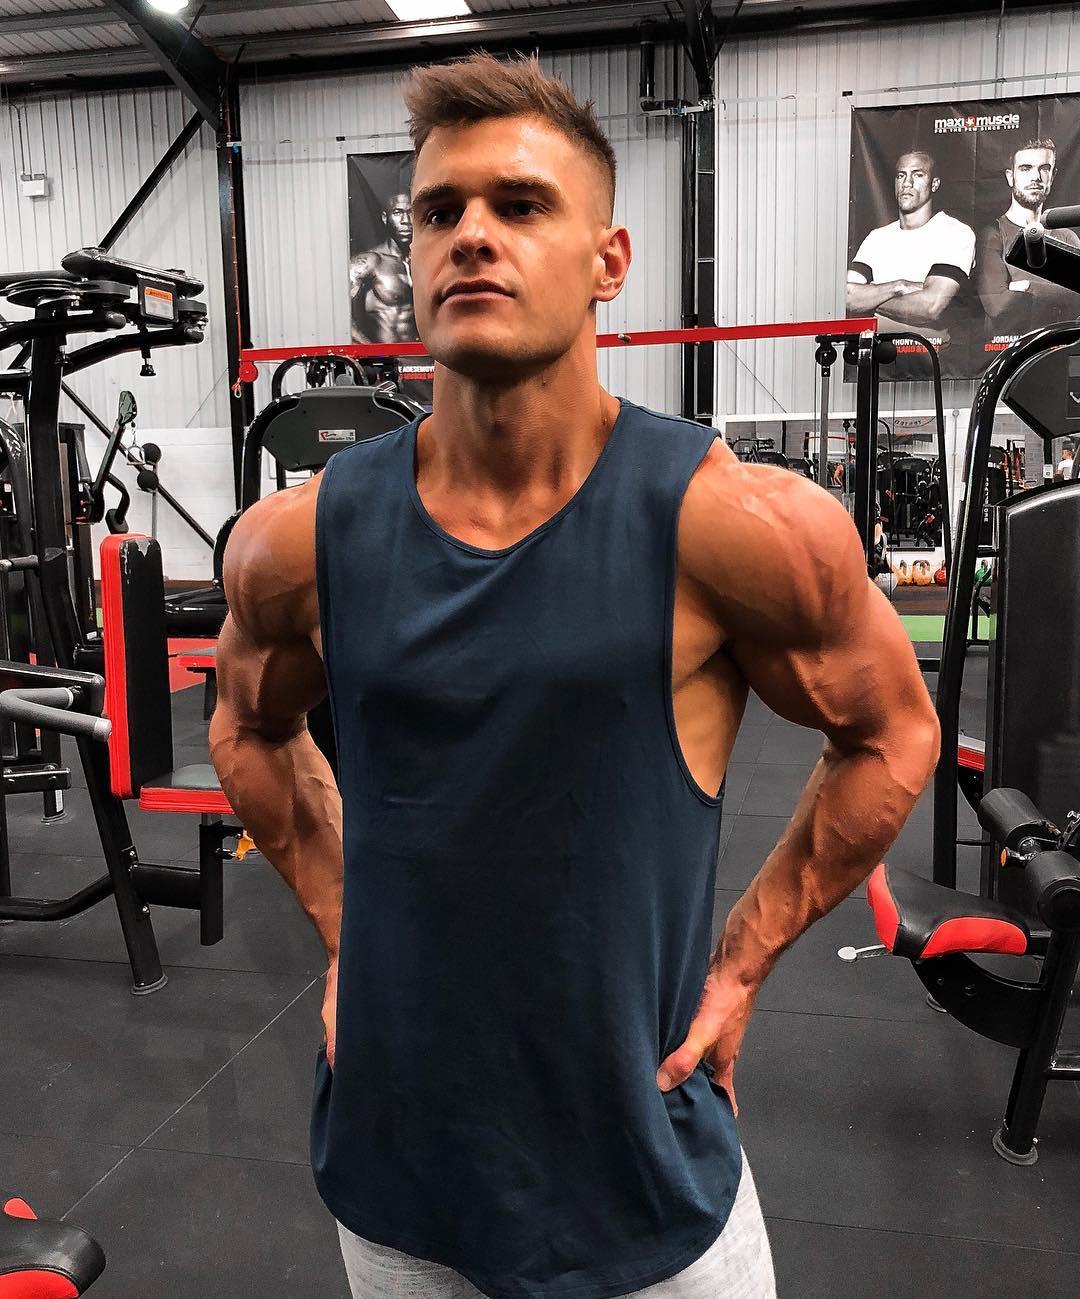 Snel gespierd worden: zo ben je fit voor de zomer MAN MAN